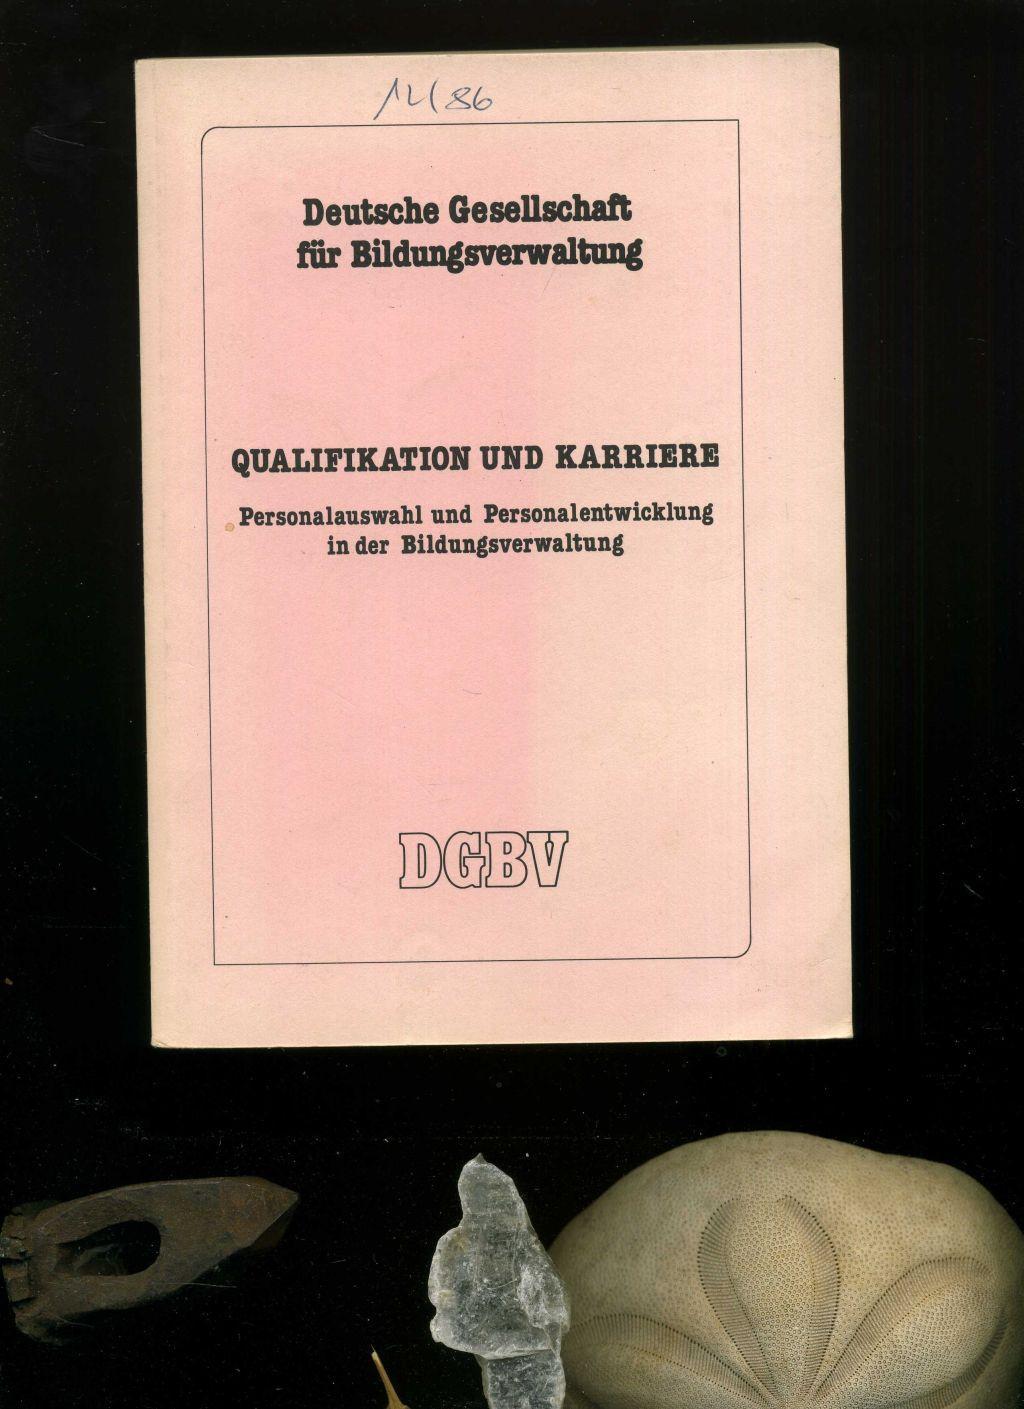 Qualifikation und Karriere. Personalauswahl und Personalentwicklung in der Bildungsverwaltung. In der Reihe: DGBV - Jahrestagungen Band 6. - DGBV